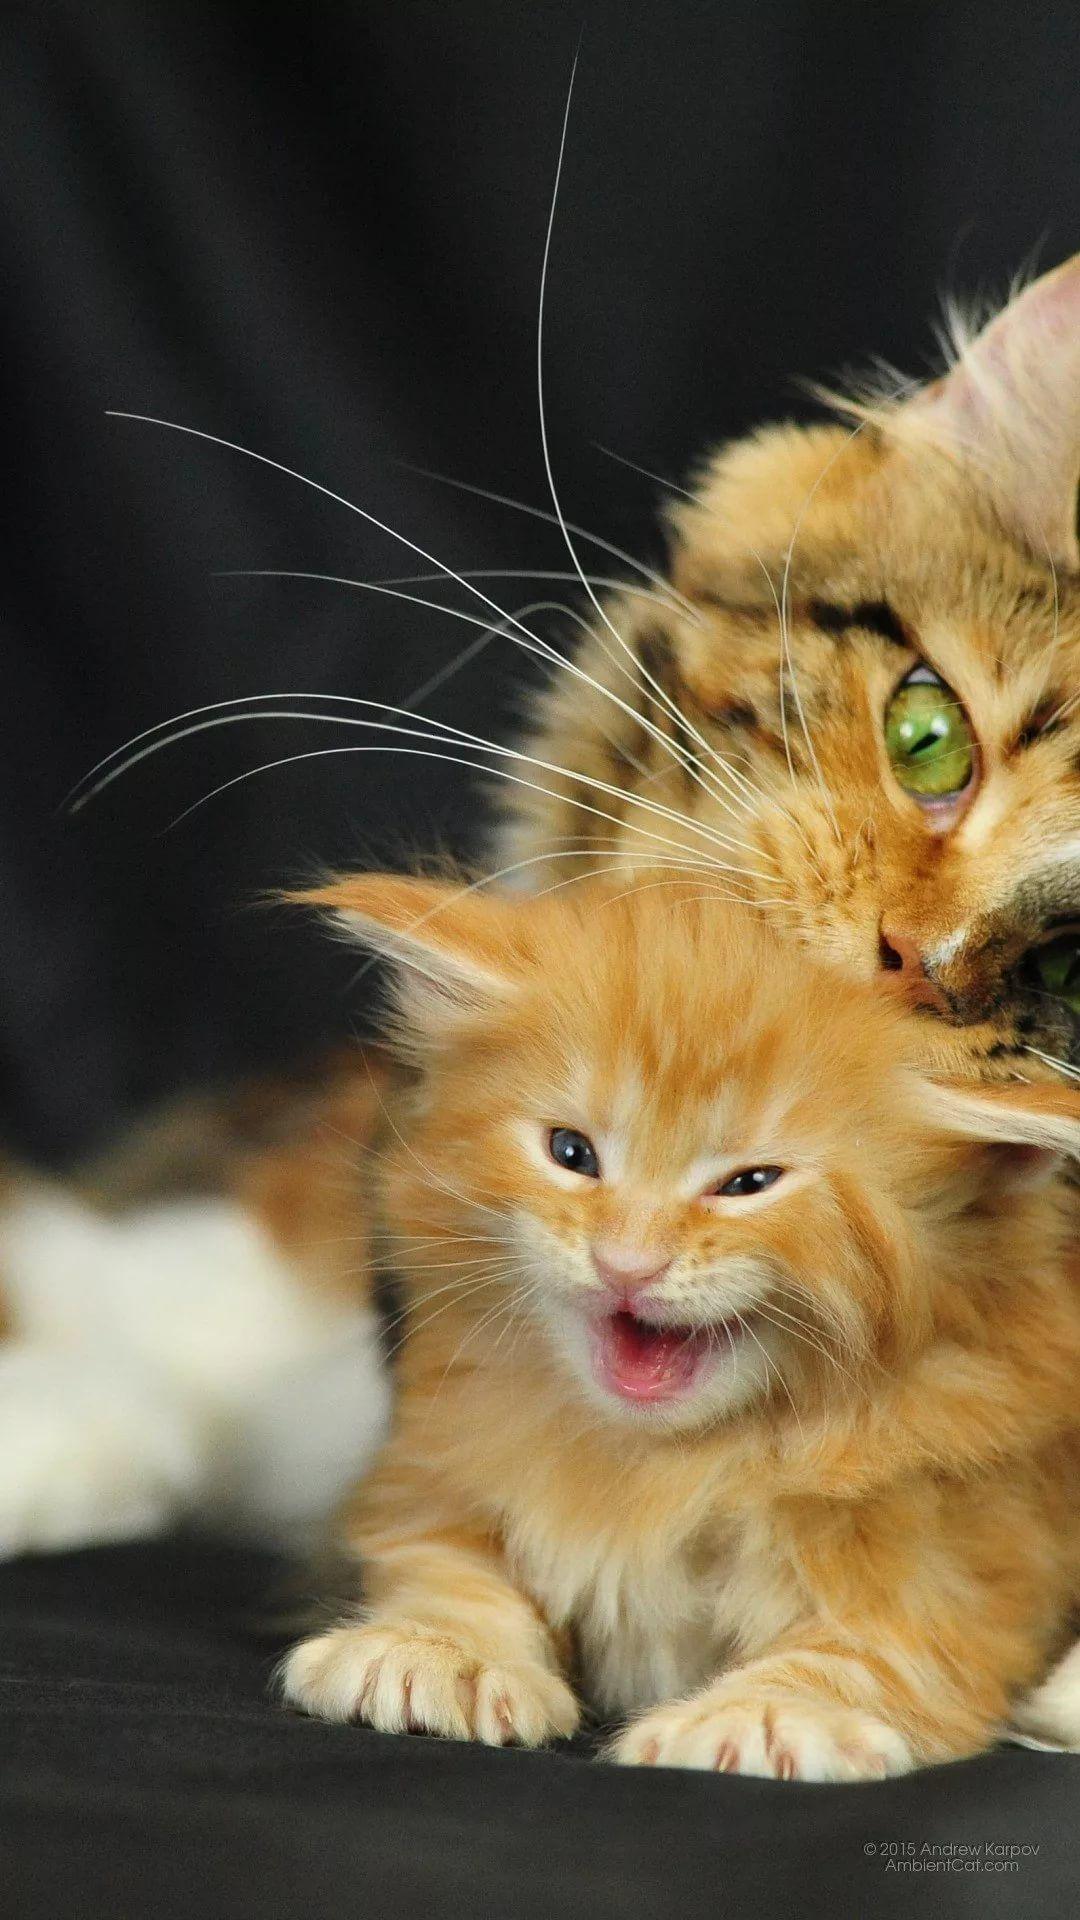 Beautiful Cat Apple iPhone wallpaper